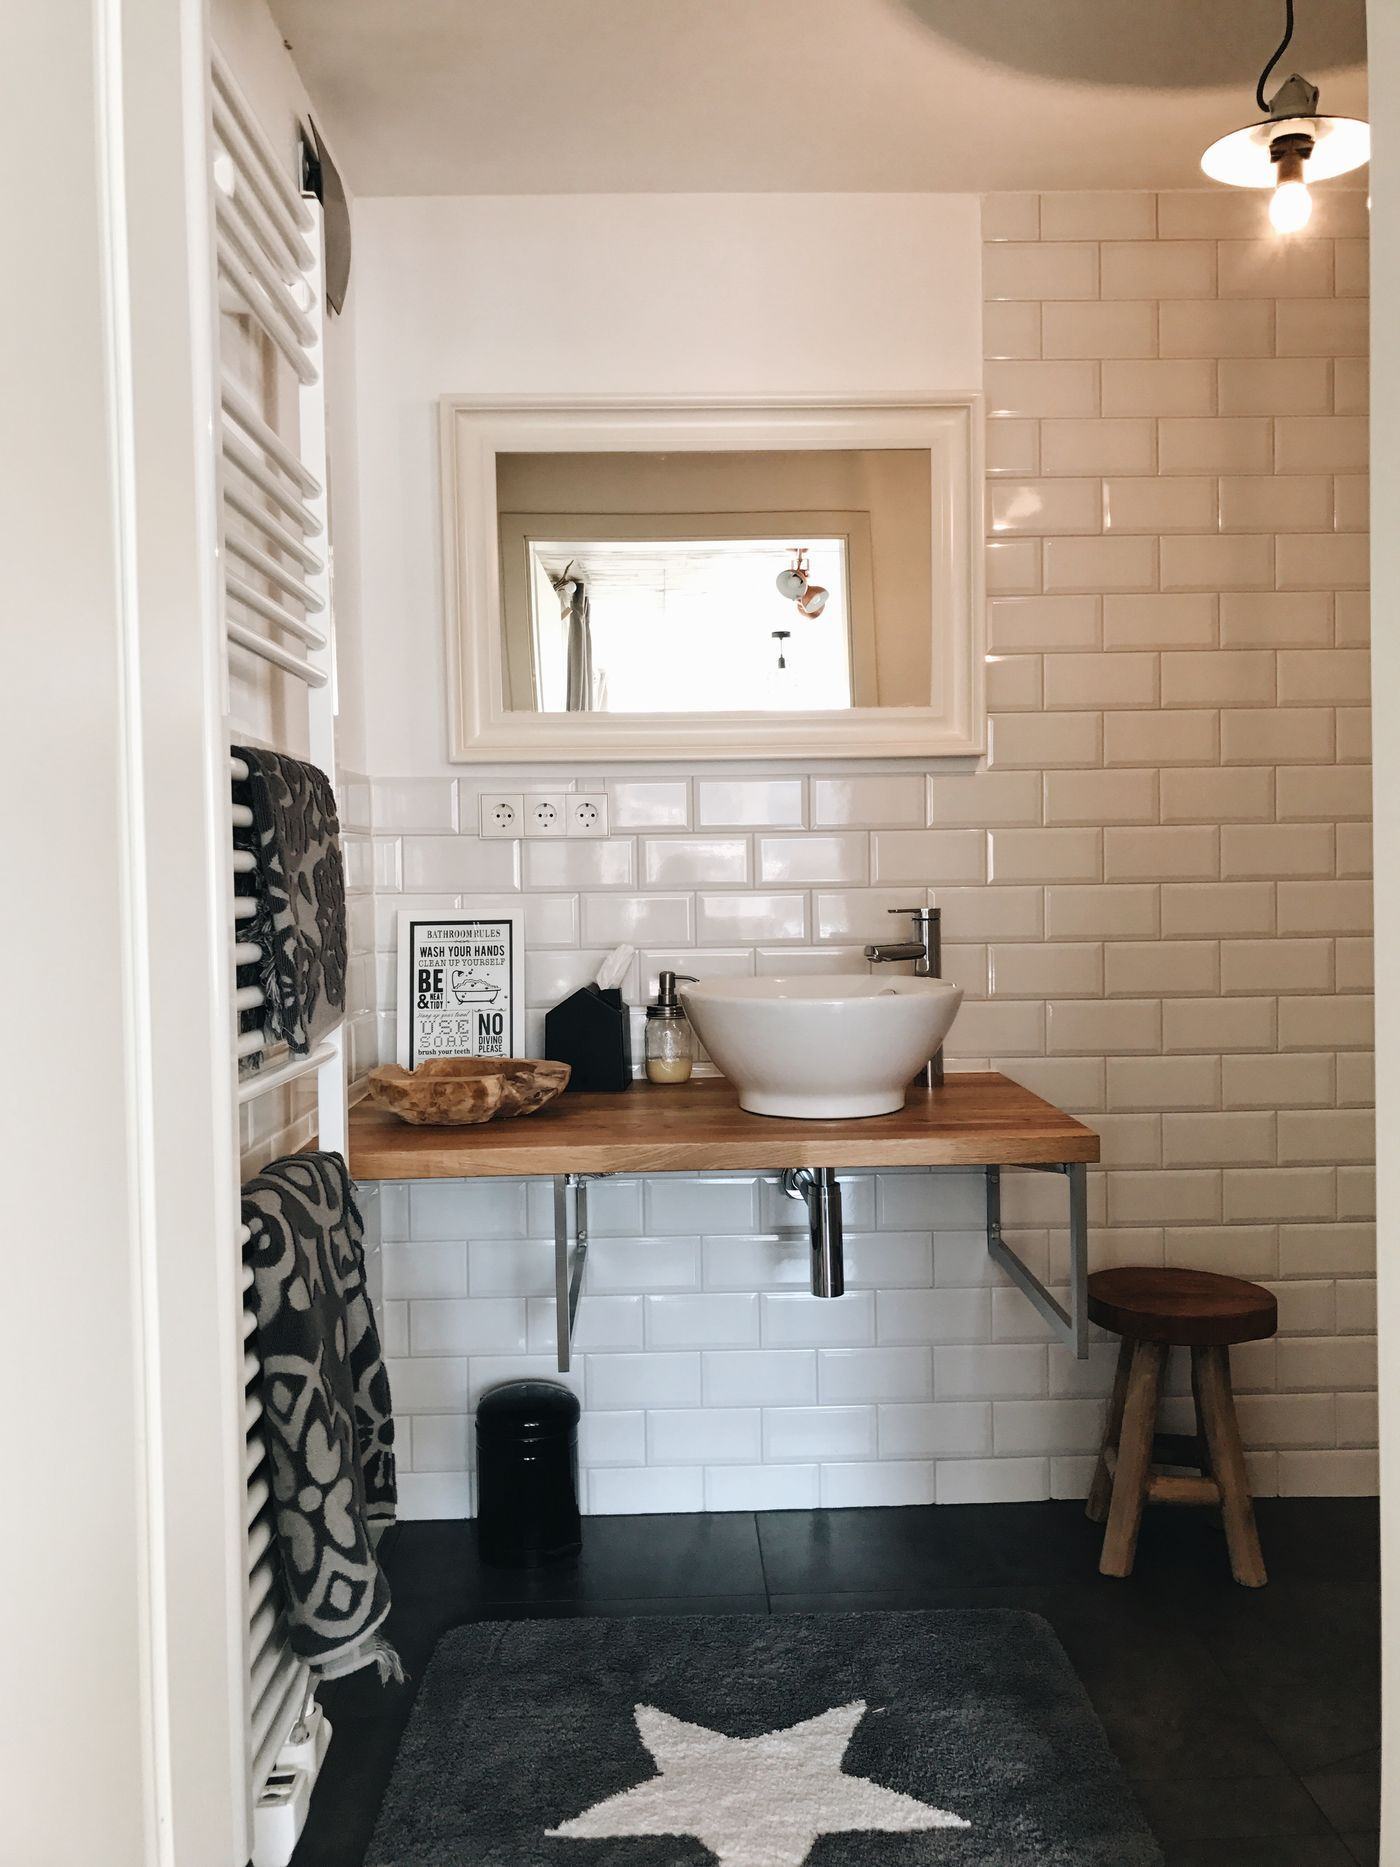 wandgestaltung gste wc modell. Black Bedroom Furniture Sets. Home Design Ideas